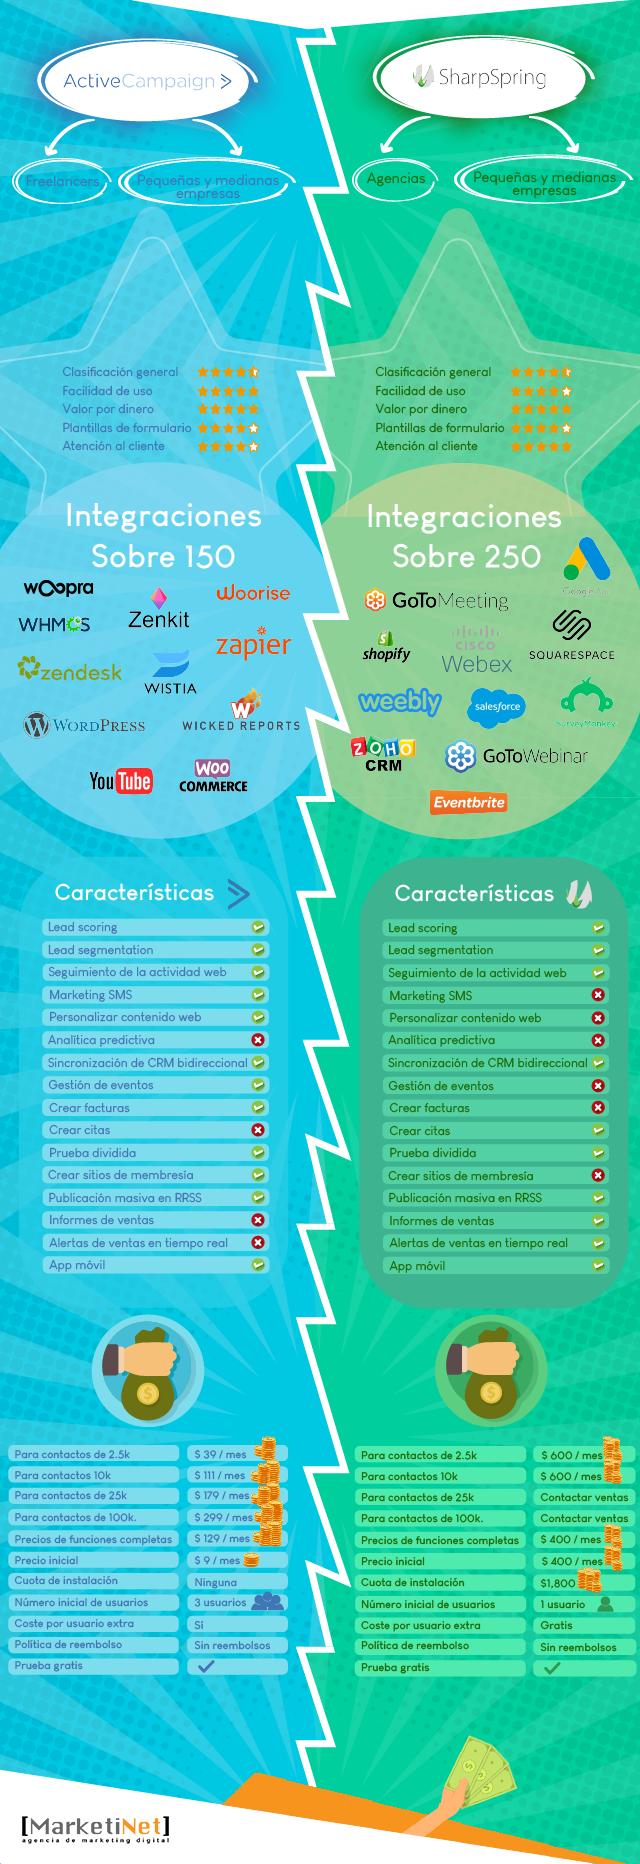 Infografía ActiveCampaign vs SharpSpring